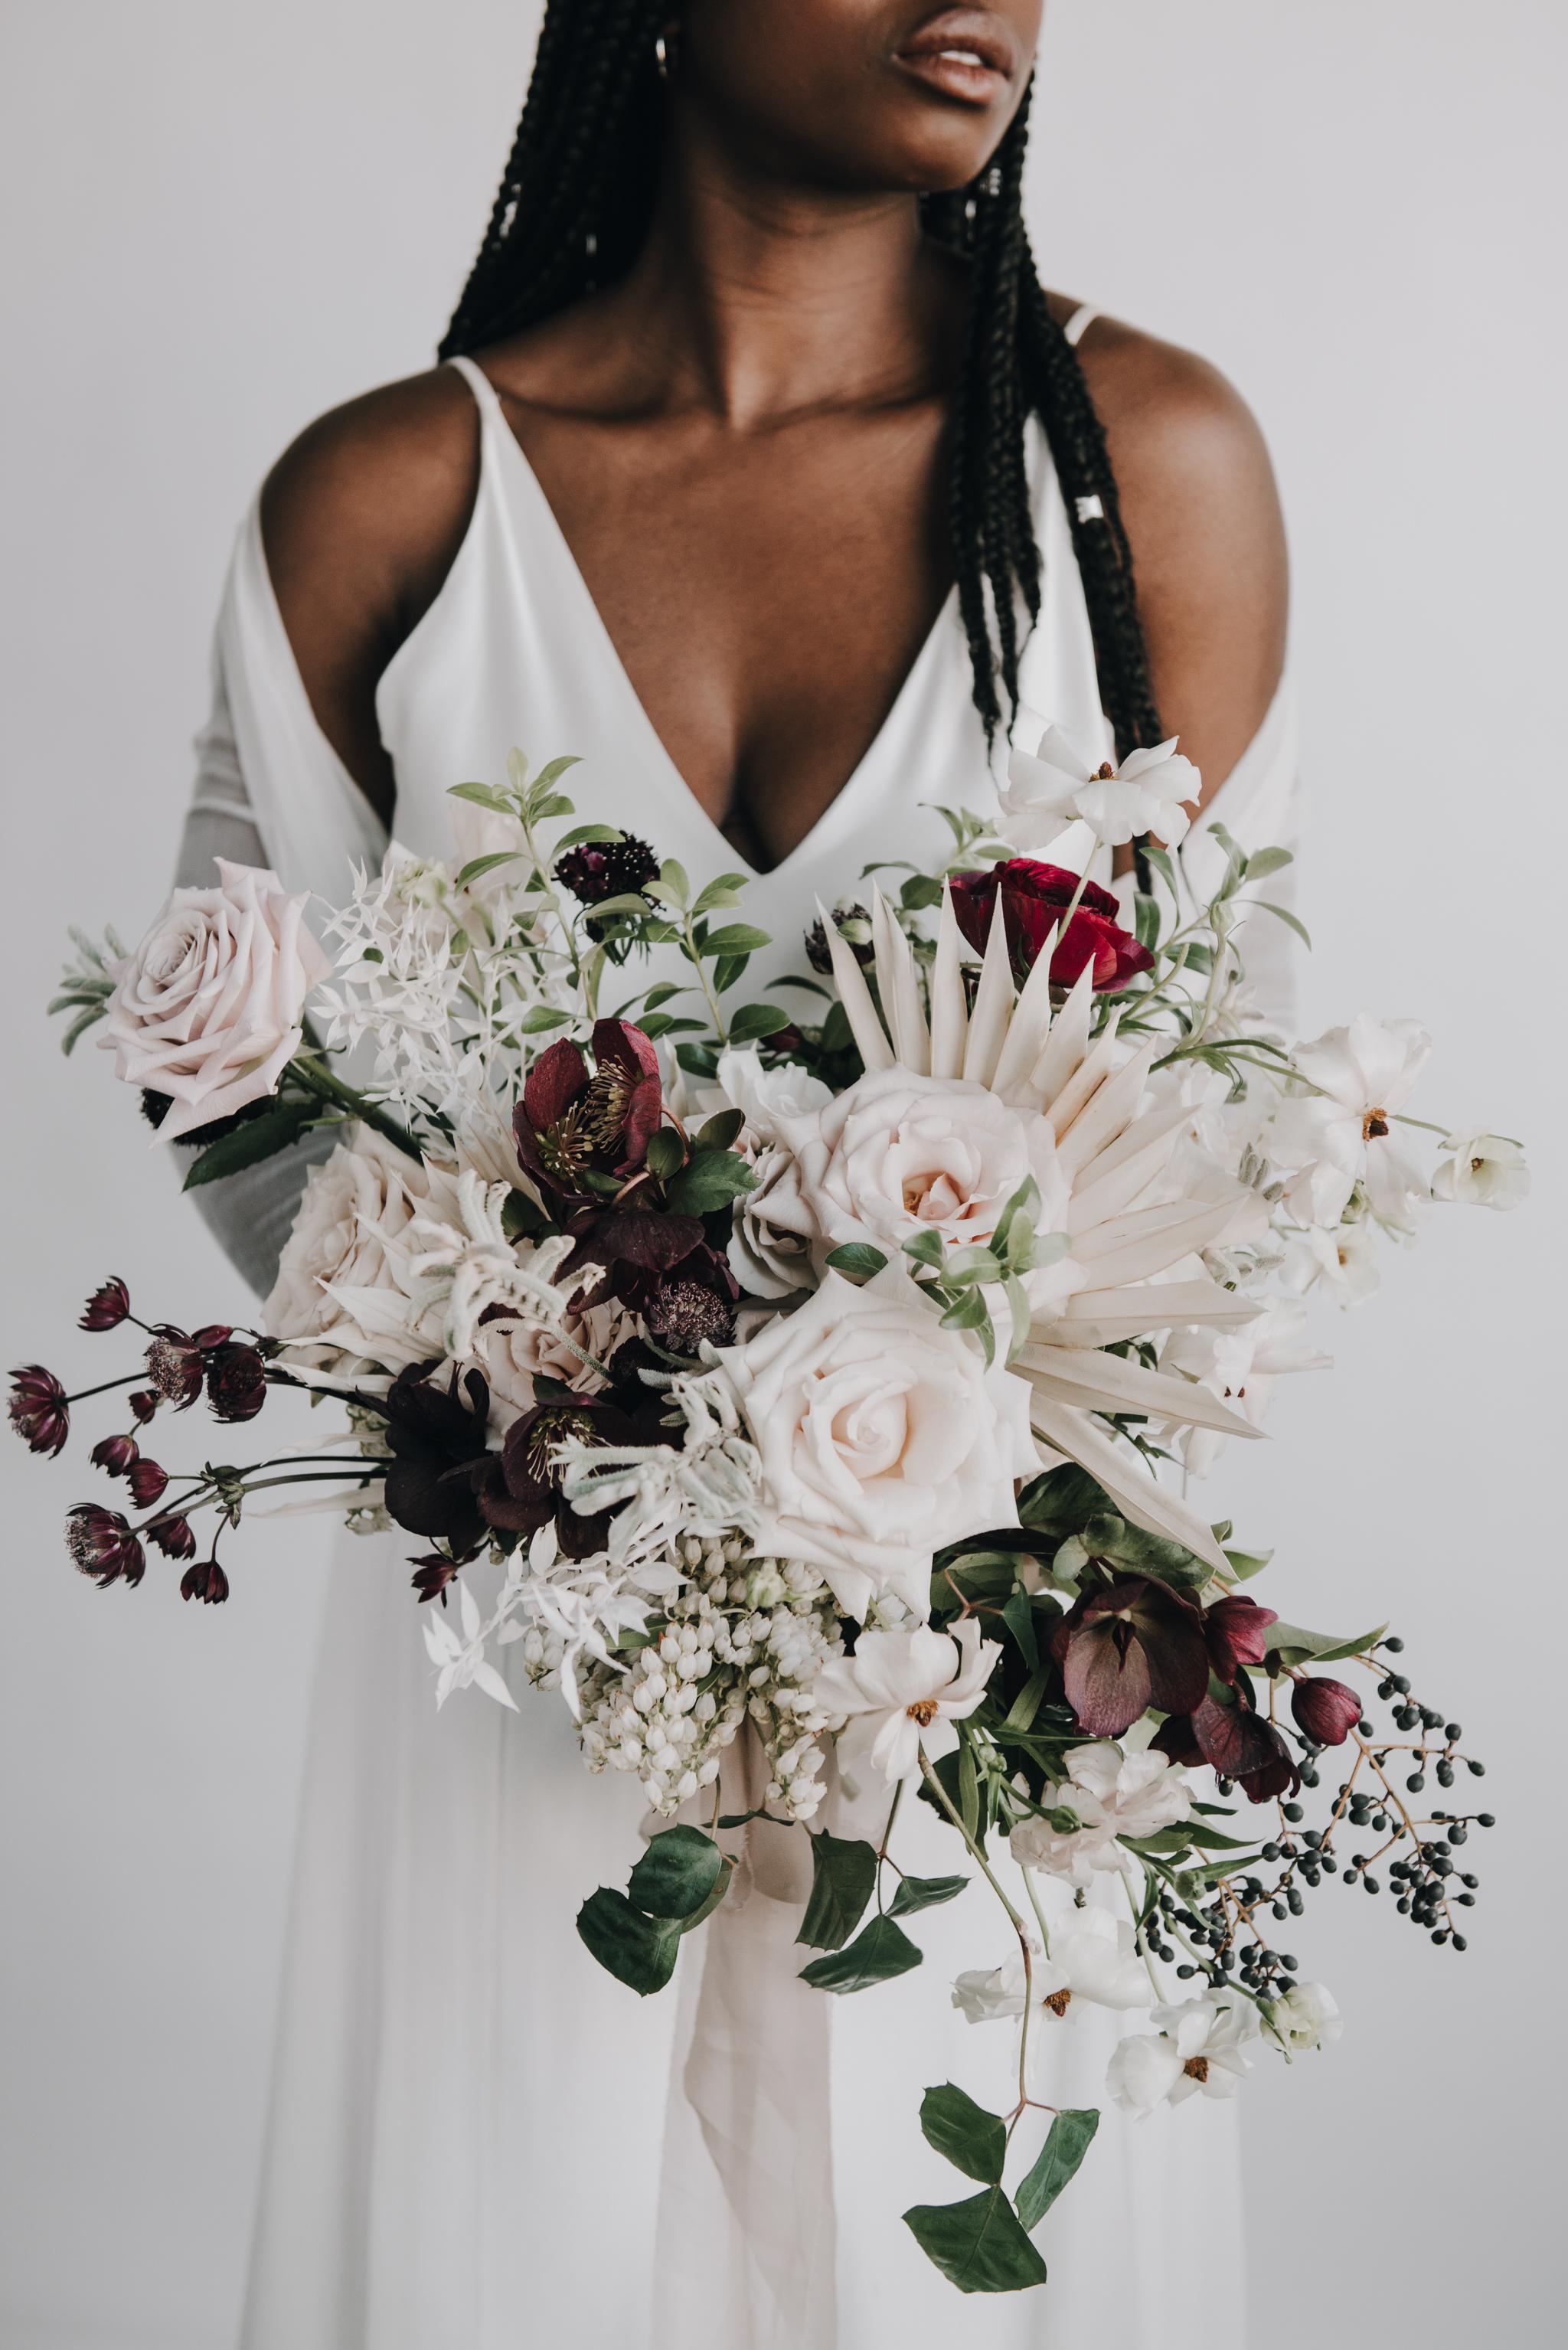 25795d52b676-WeddingCo_1.jpg